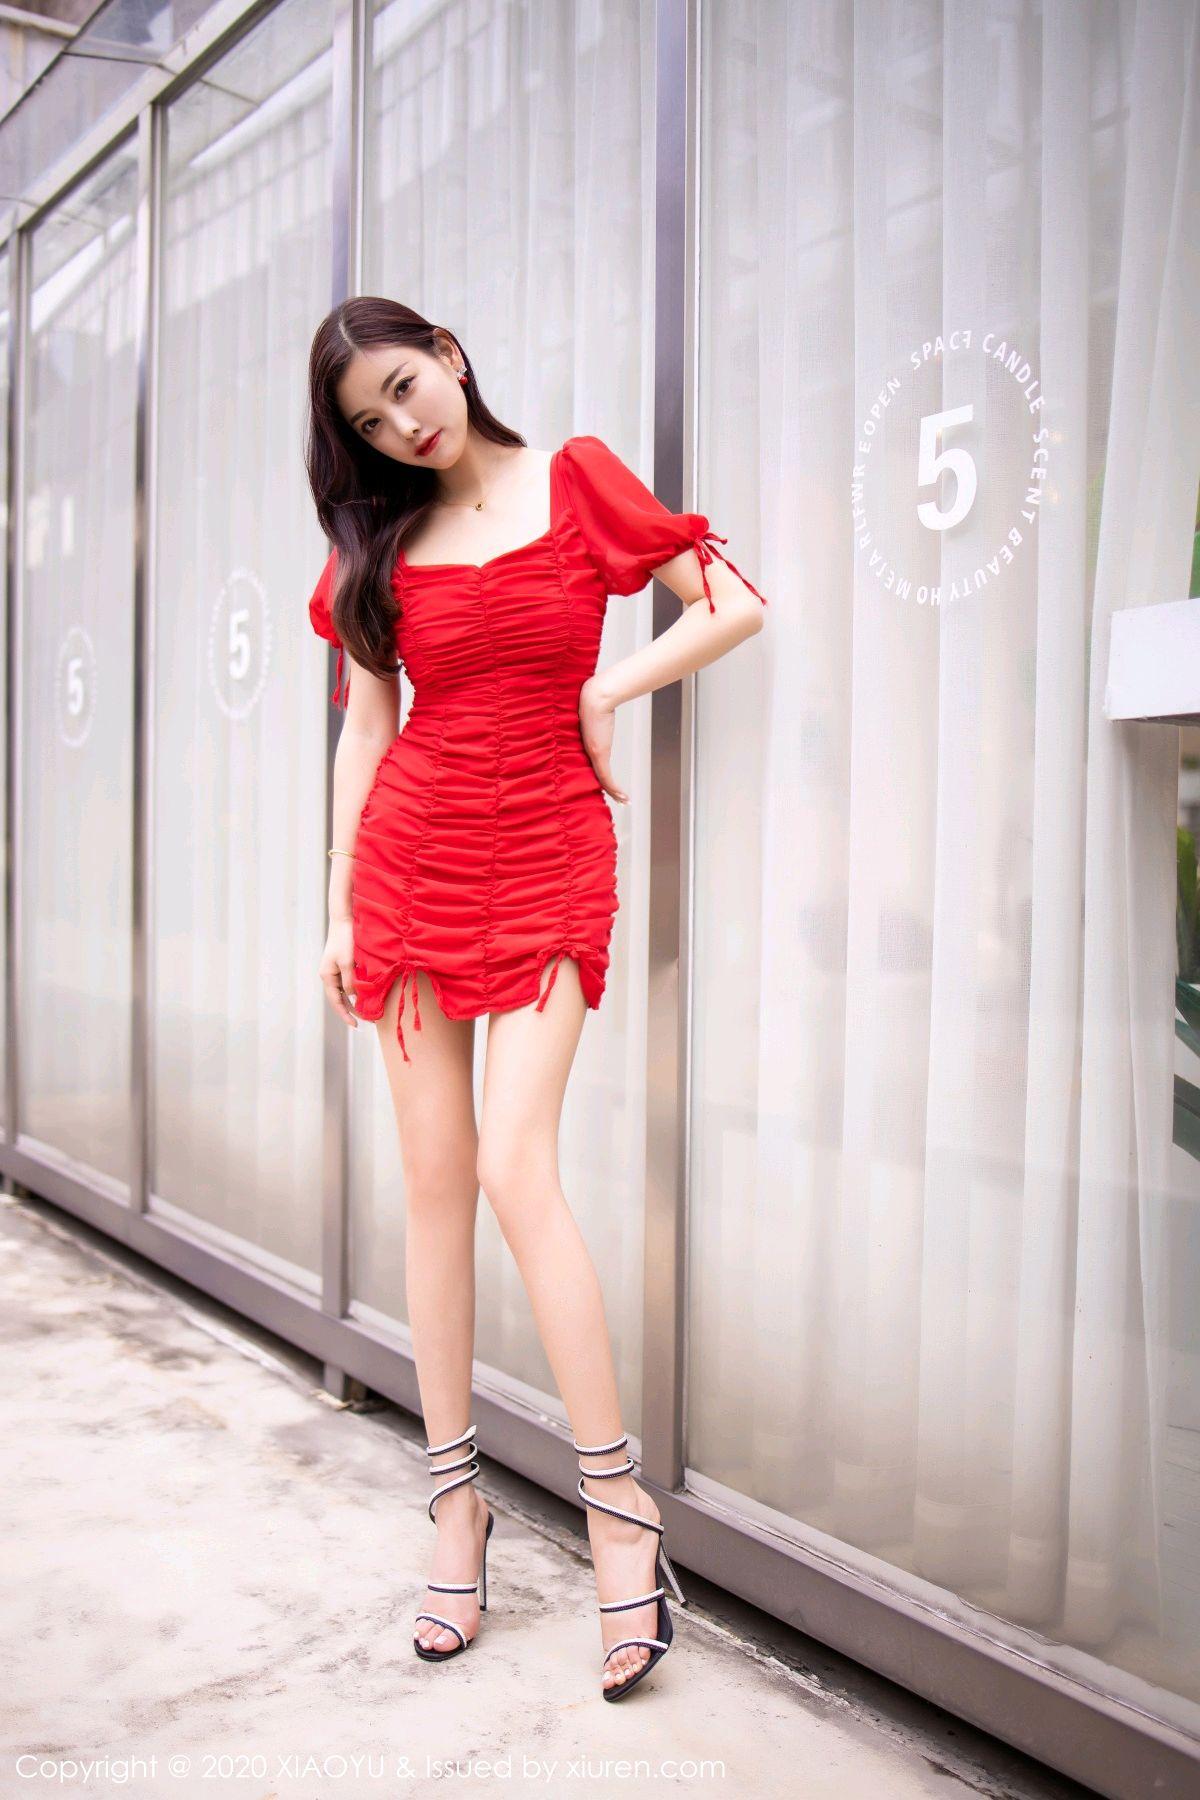 [XiaoYu] Vol.326 Yang Chen Chen 60P, Tall, XiaoYu, Yang Chen Chen